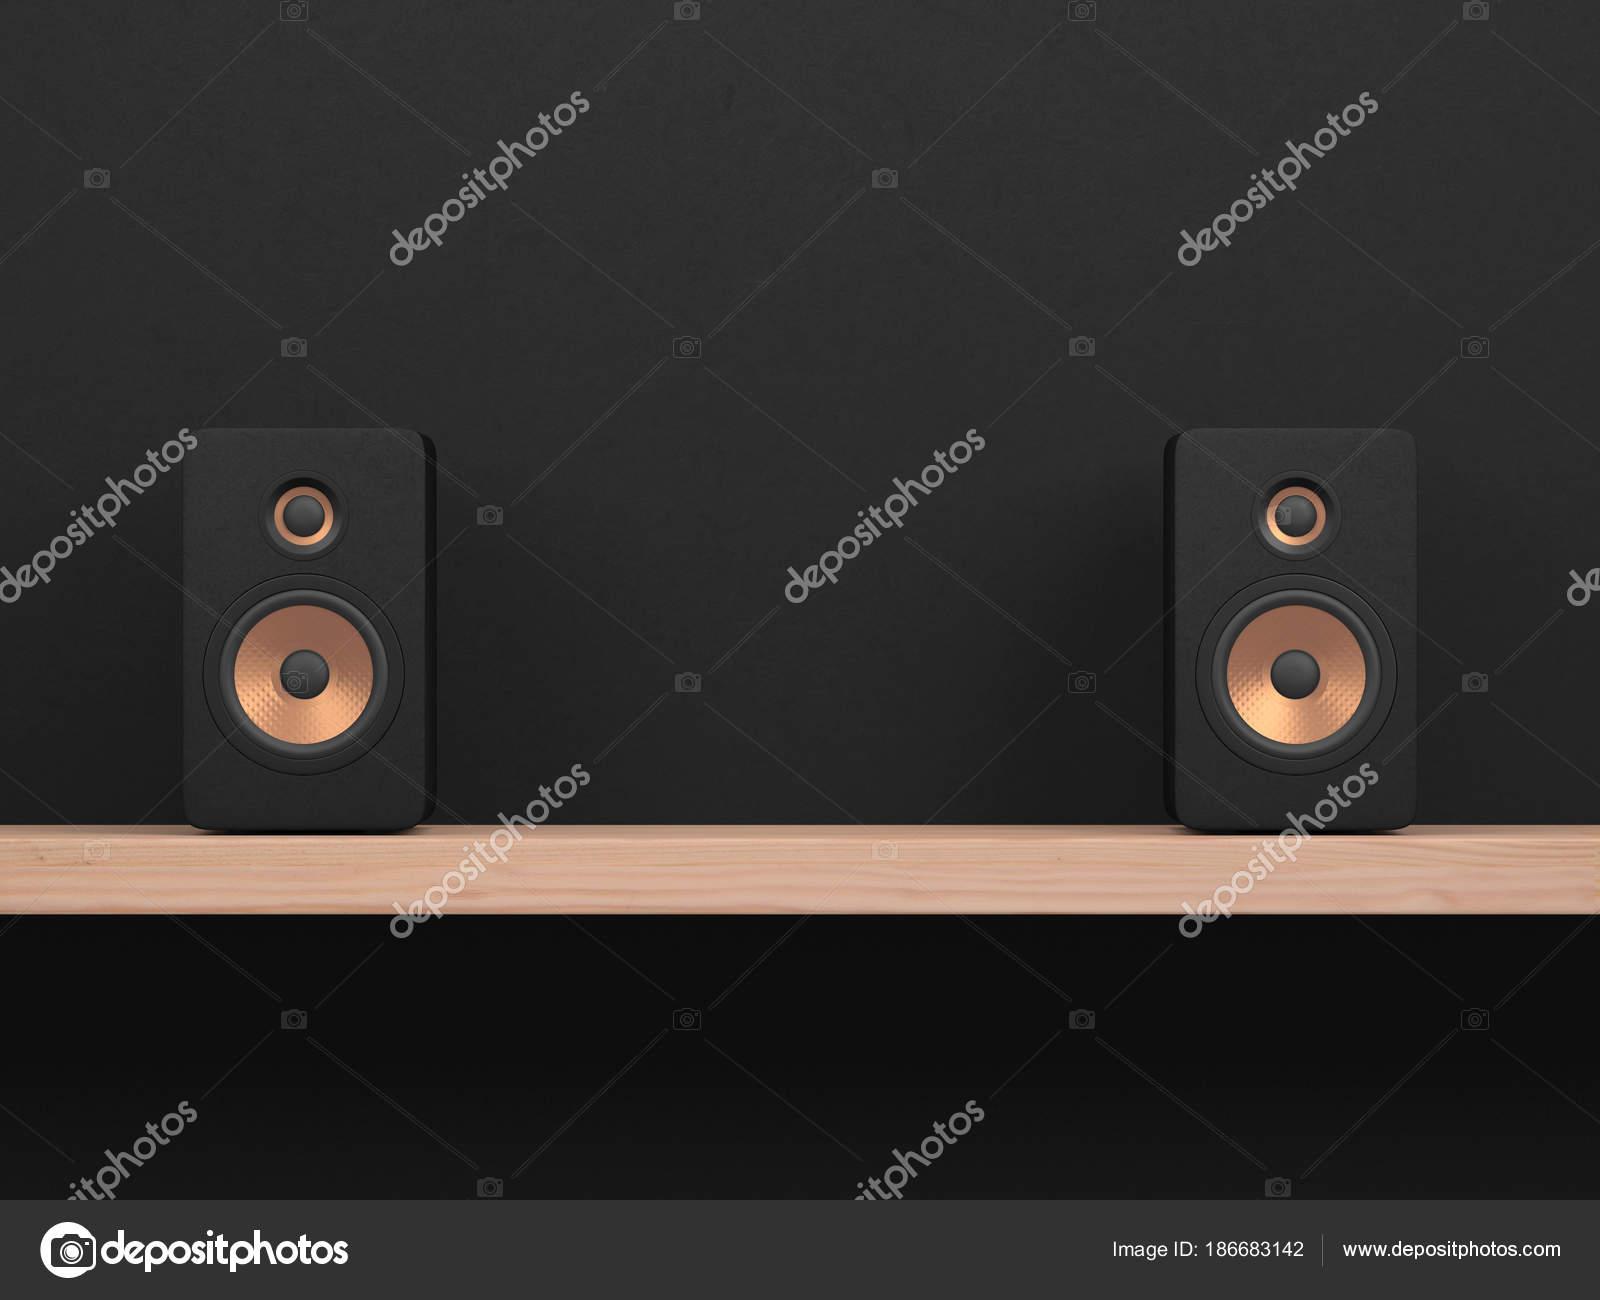 Black Way Speakers Golden Speaker Driver Wooden Shelf Dark